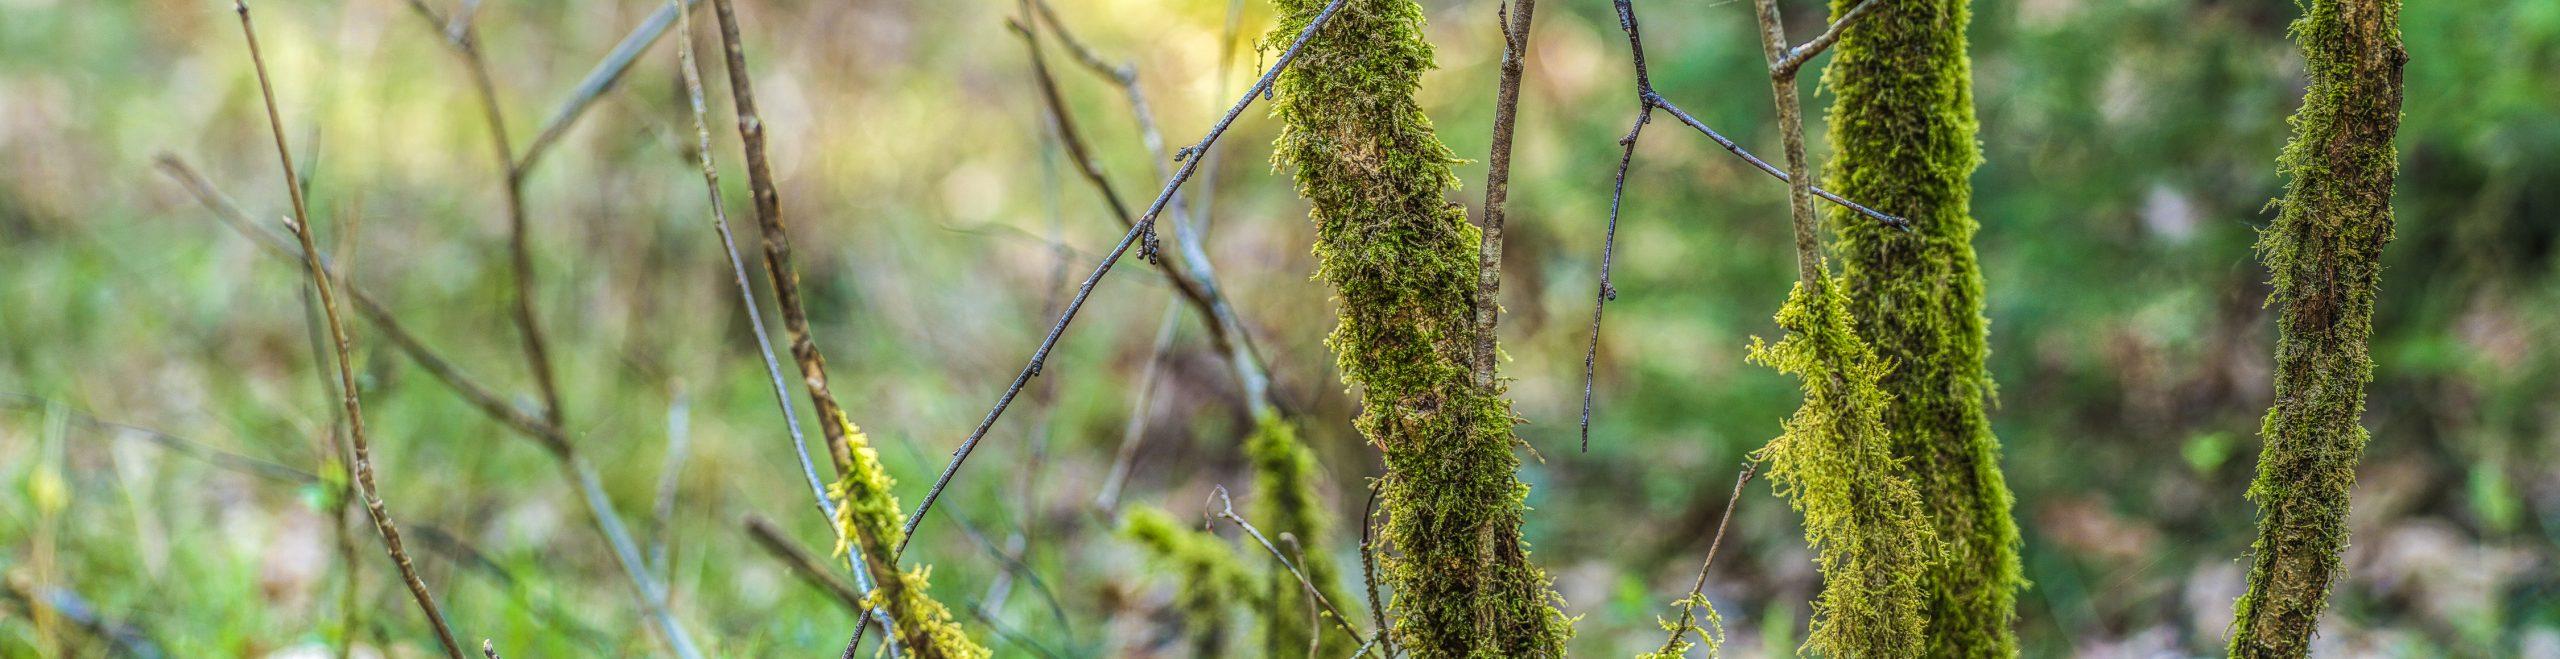 moosüberwachsene Äste in einem Feuchtgebiet